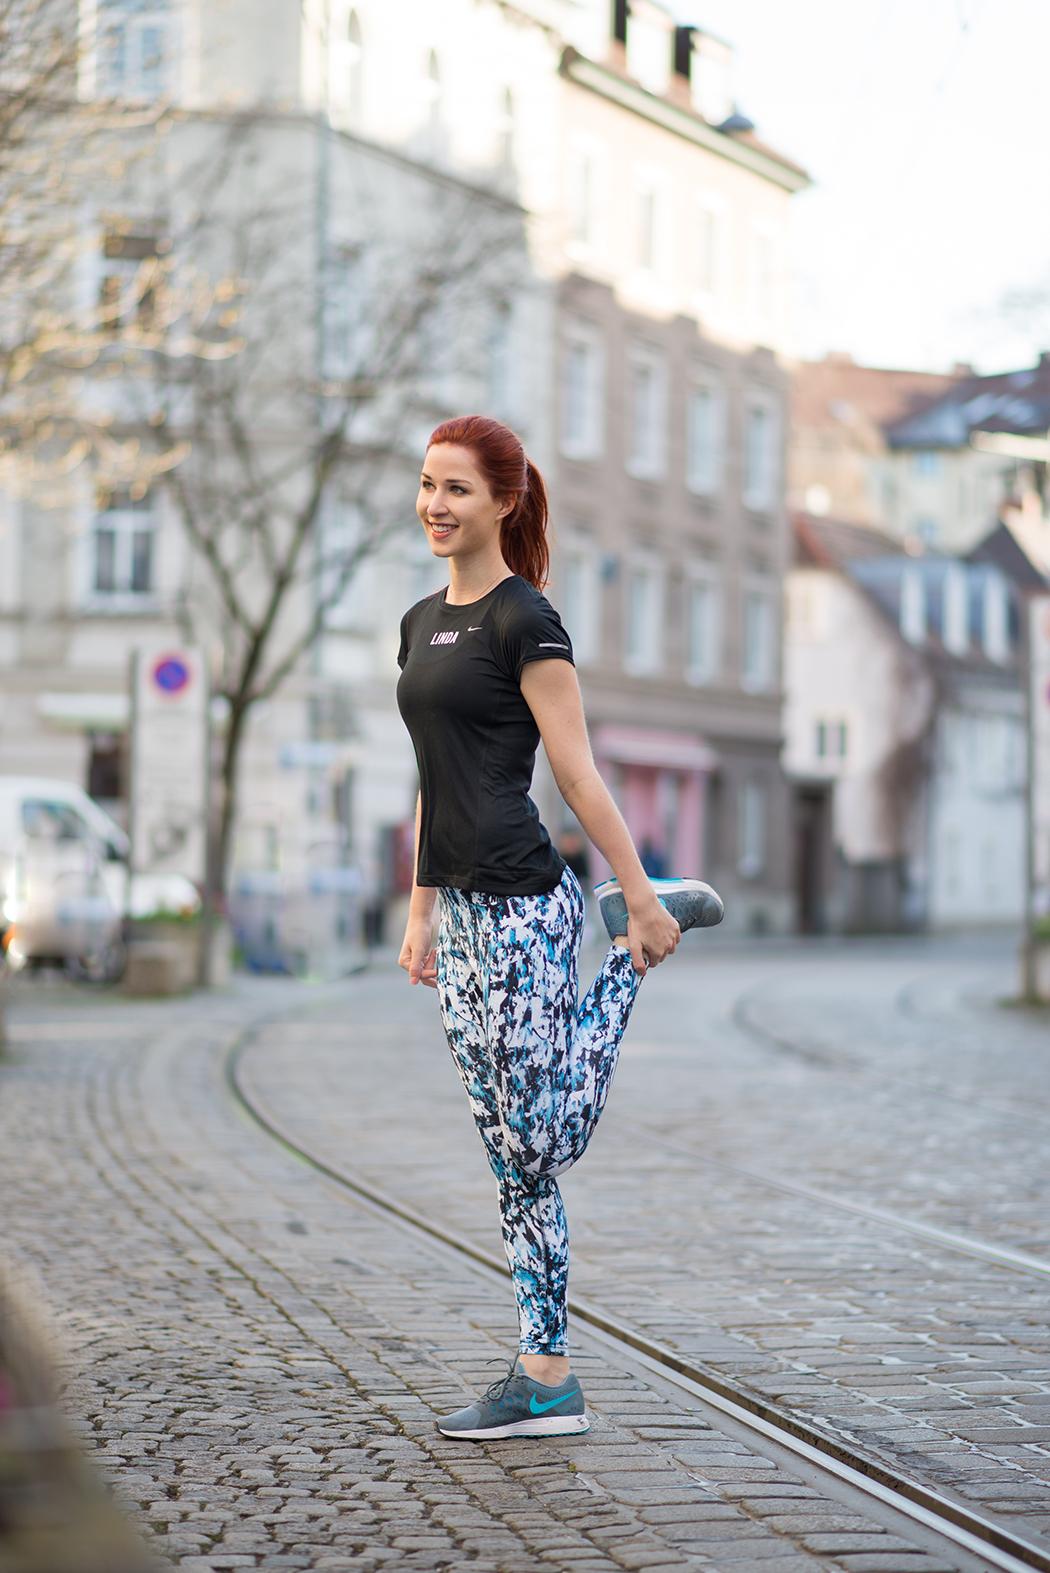 Fitnessblog-Deutschland-Fitnessblogger-München-Munich-Lindarella-Trainingsübungen-Laufen-Aufwärmübungen-11